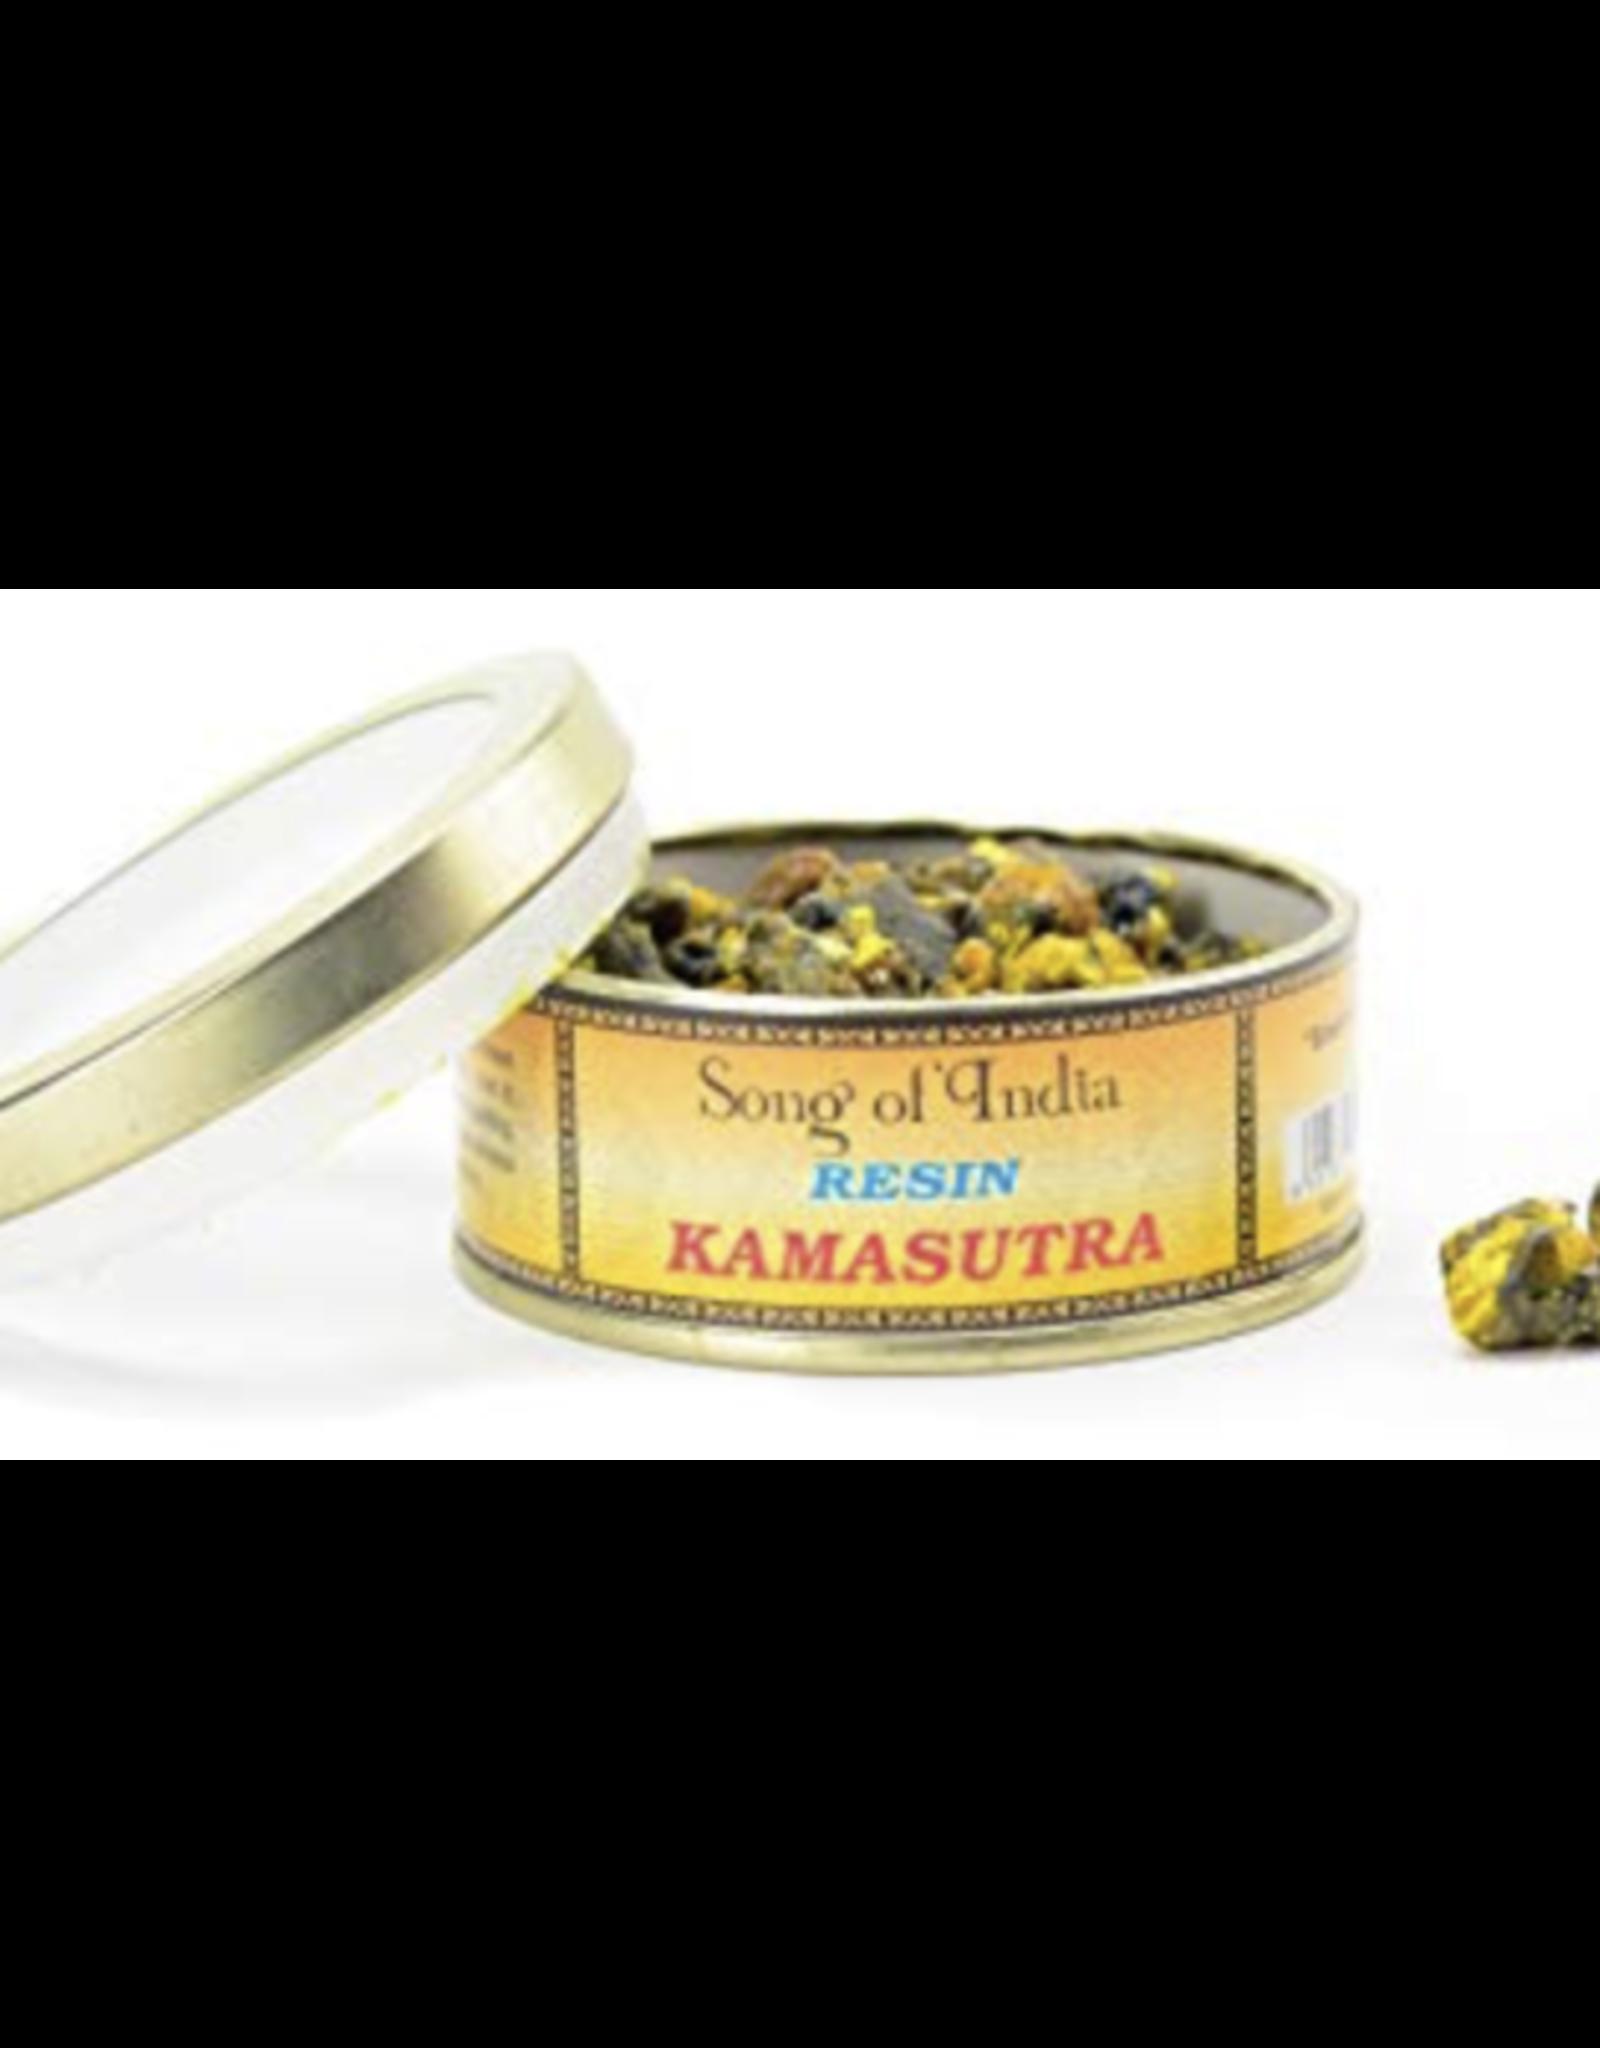 Kamasutra - Natural Resin Incense